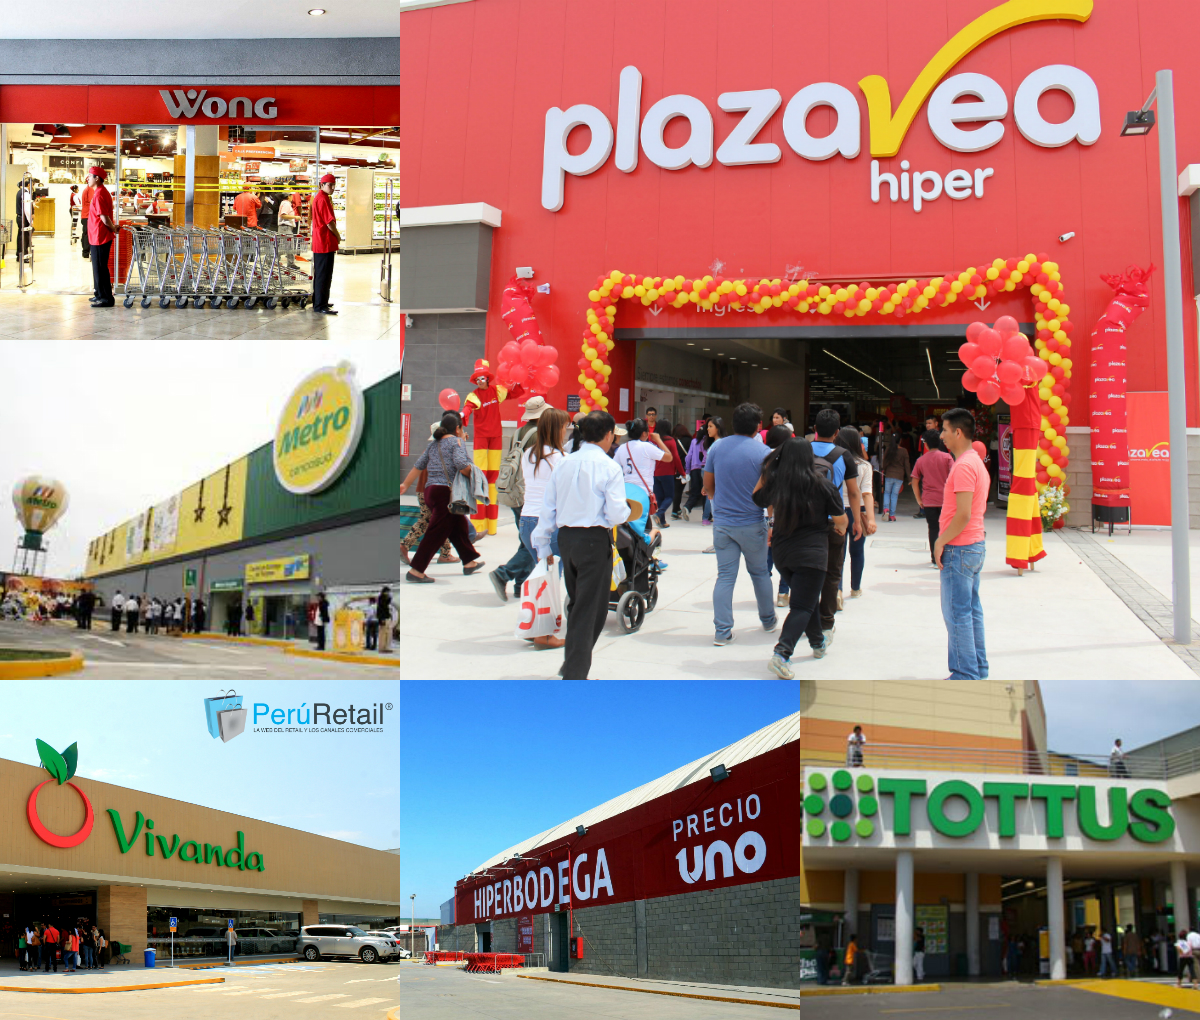 supermercados collage - Perú: Supermercados Peruanos supera en ventas a Tottus, Wong y Metro